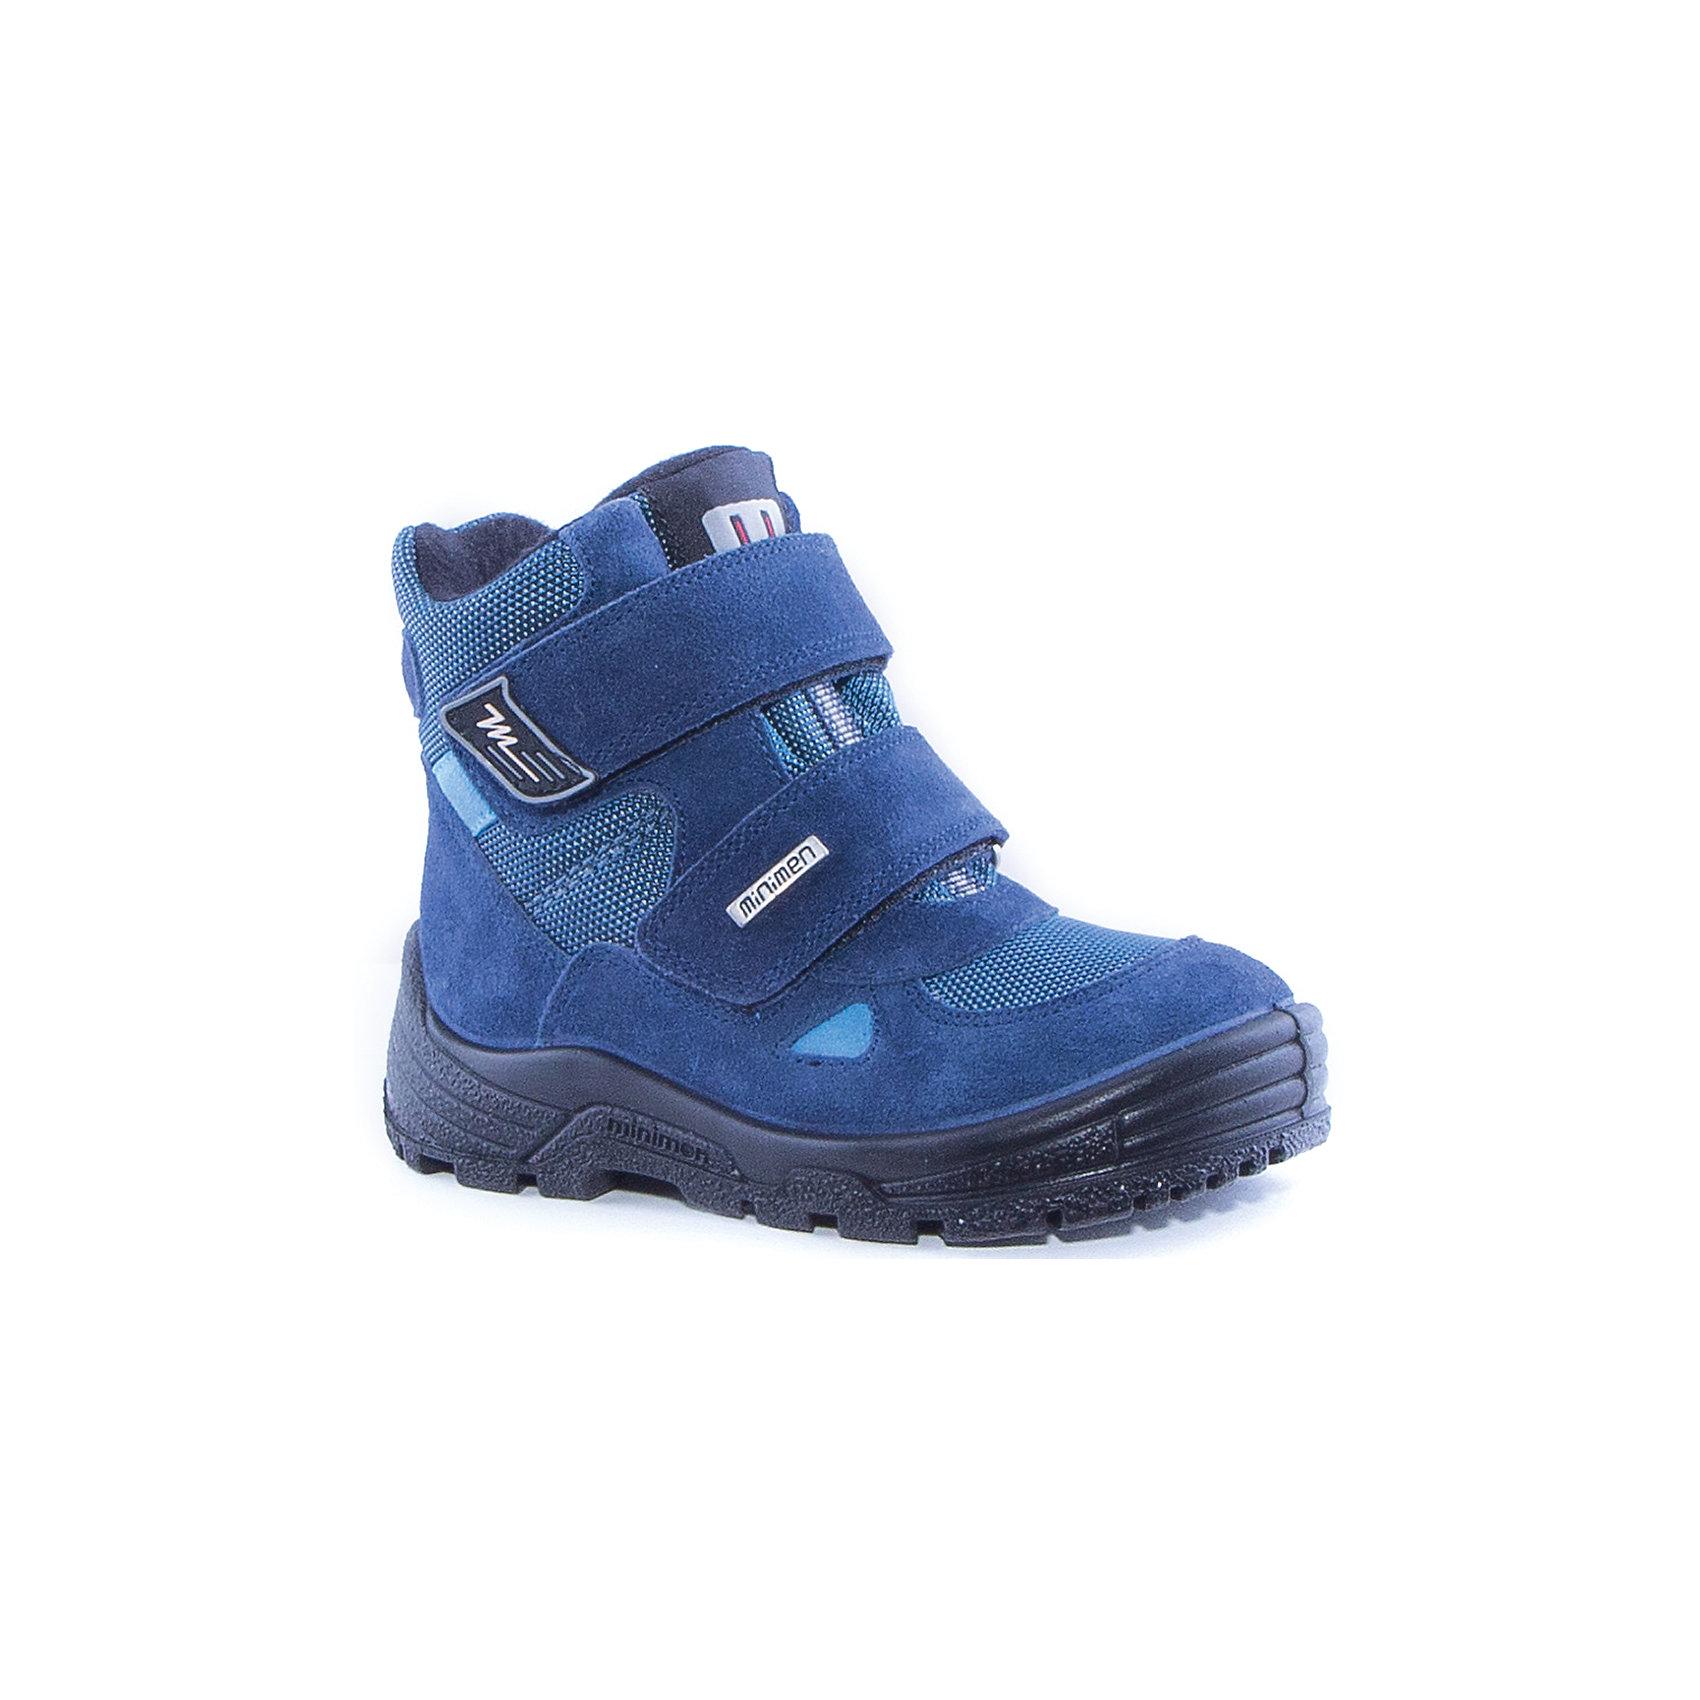 Ботинки для мальчика MinimenБотинки<br>Полусапоги для мальчика от известного бренда Minimen<br><br>Теплые полусапоги Minimen созданы для ношения в межсезонье и начинающиеся холода. Их форма тщательно проработана, поэтому детским ножкам в такой обуви тепло и комфортно. Качественные материалы позволяют сделать изделия износостойкими и удобными.<br><br>При создании этой модели использована мембрана SympaTex. Она добавляется в подкладку обуви и позволяют ногам оставаться сухими и теплыми. Мембрана активно отводит влагу наружу, и не дает жидкости проникать внутрь, а также  не создает препятствий для воздуха, обеспечивая комфортные условия для детских ножек.<br><br>Отличительные особенности модели:<br><br>- цвет: синий;<br>- мембрана SympaTex;<br>- гибкая нескользящая подошва;<br>- усиленный носок и задник;<br>- эргономичная форма;<br>- удобная колодка;<br>- шерстяная подкладка;<br>- натуральная кожа;<br>- застежки-липучки.<br><br>Дополнительная информация:<br><br>- Температурный режим: от - 20° С  до +5° С.<br><br>- Состав:<br><br>материал верха: 100% натуральная кожа<br>материал подкладки: 100% шерсть<br>подошва: ТЭП<br><br>Полусапоги для мальчика Minimen (Минимен) можно купить в нашем магазине.<br><br>Ширина мм: 257<br>Глубина мм: 180<br>Высота мм: 130<br>Вес г: 420<br>Цвет: синий<br>Возраст от месяцев: 24<br>Возраст до месяцев: 24<br>Пол: Мужской<br>Возраст: Детский<br>Размер: 25,26,29,27,28<br>SKU: 4295731